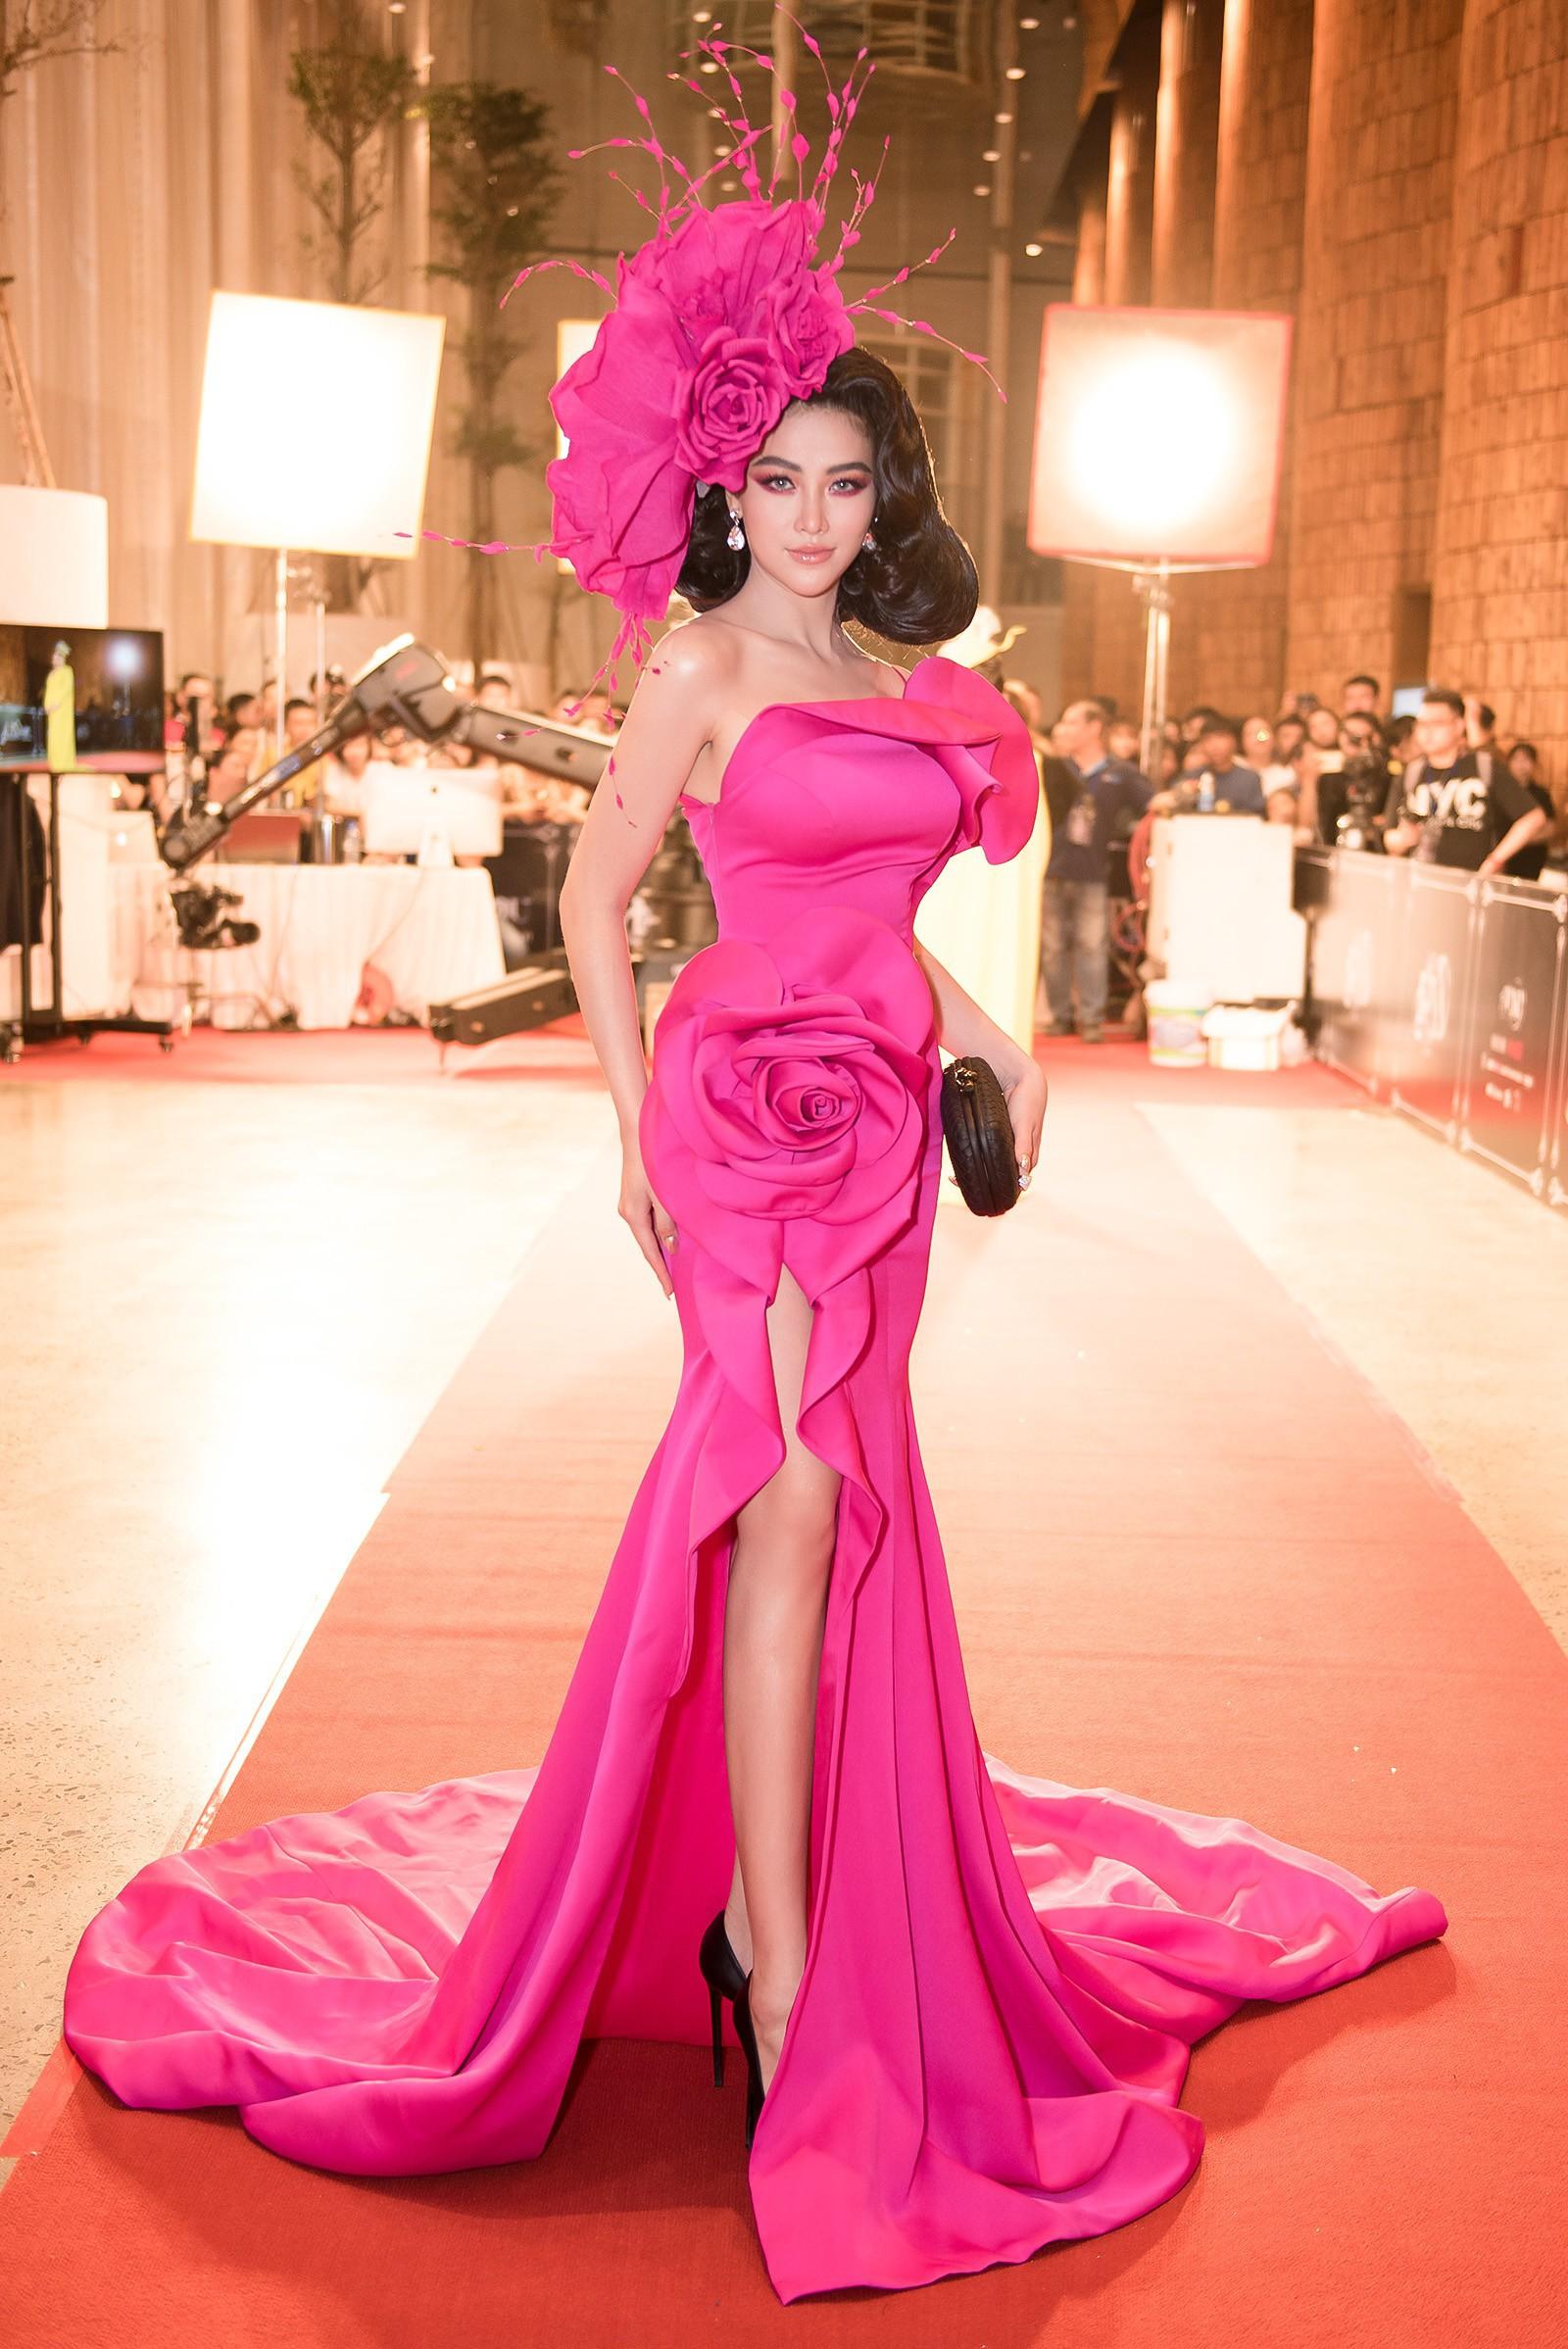 Hành trình nhan sắc và khối tài sản không phải dạng vừa của dàn Hoa hậu đình đám - Ảnh 26.